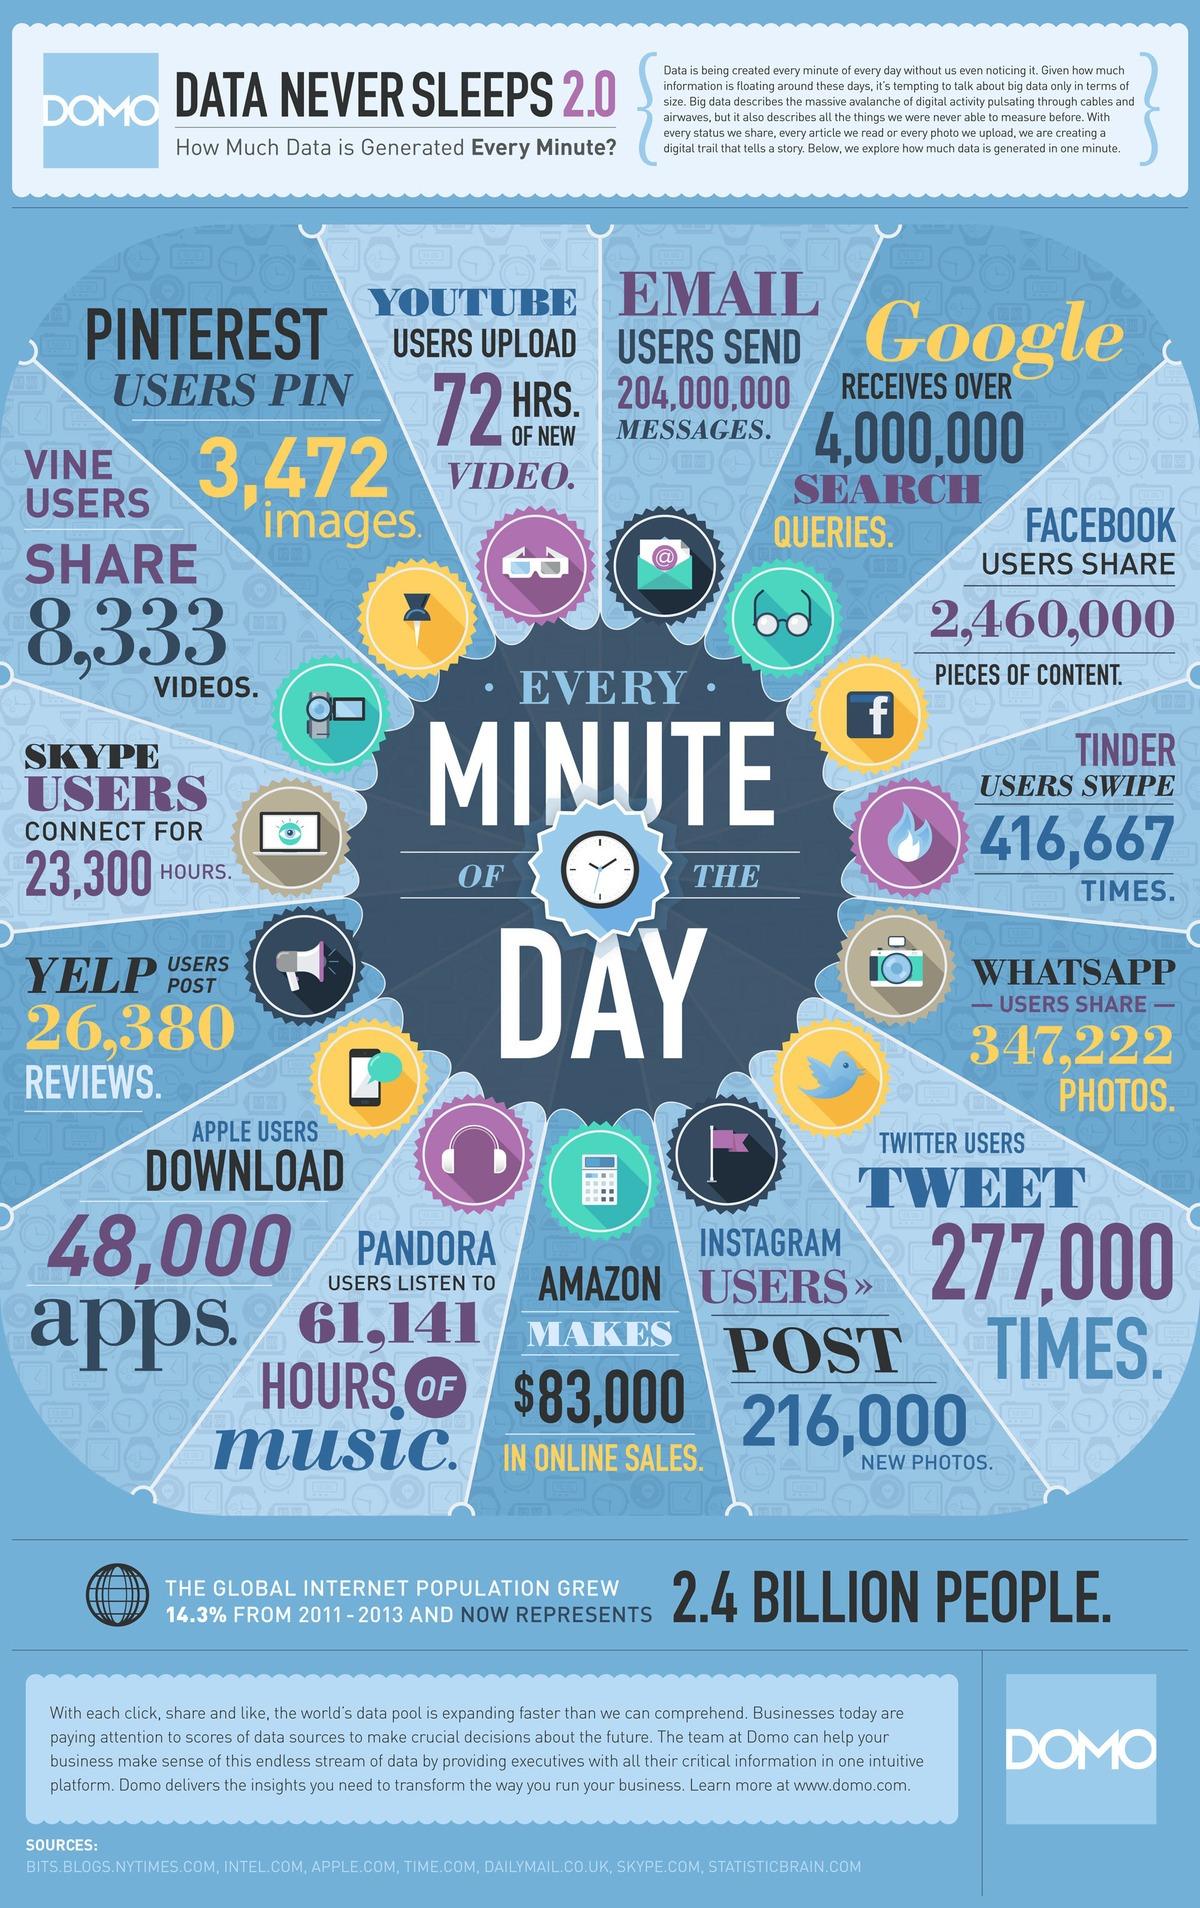 que se passe t-il sur internet en 1 minute